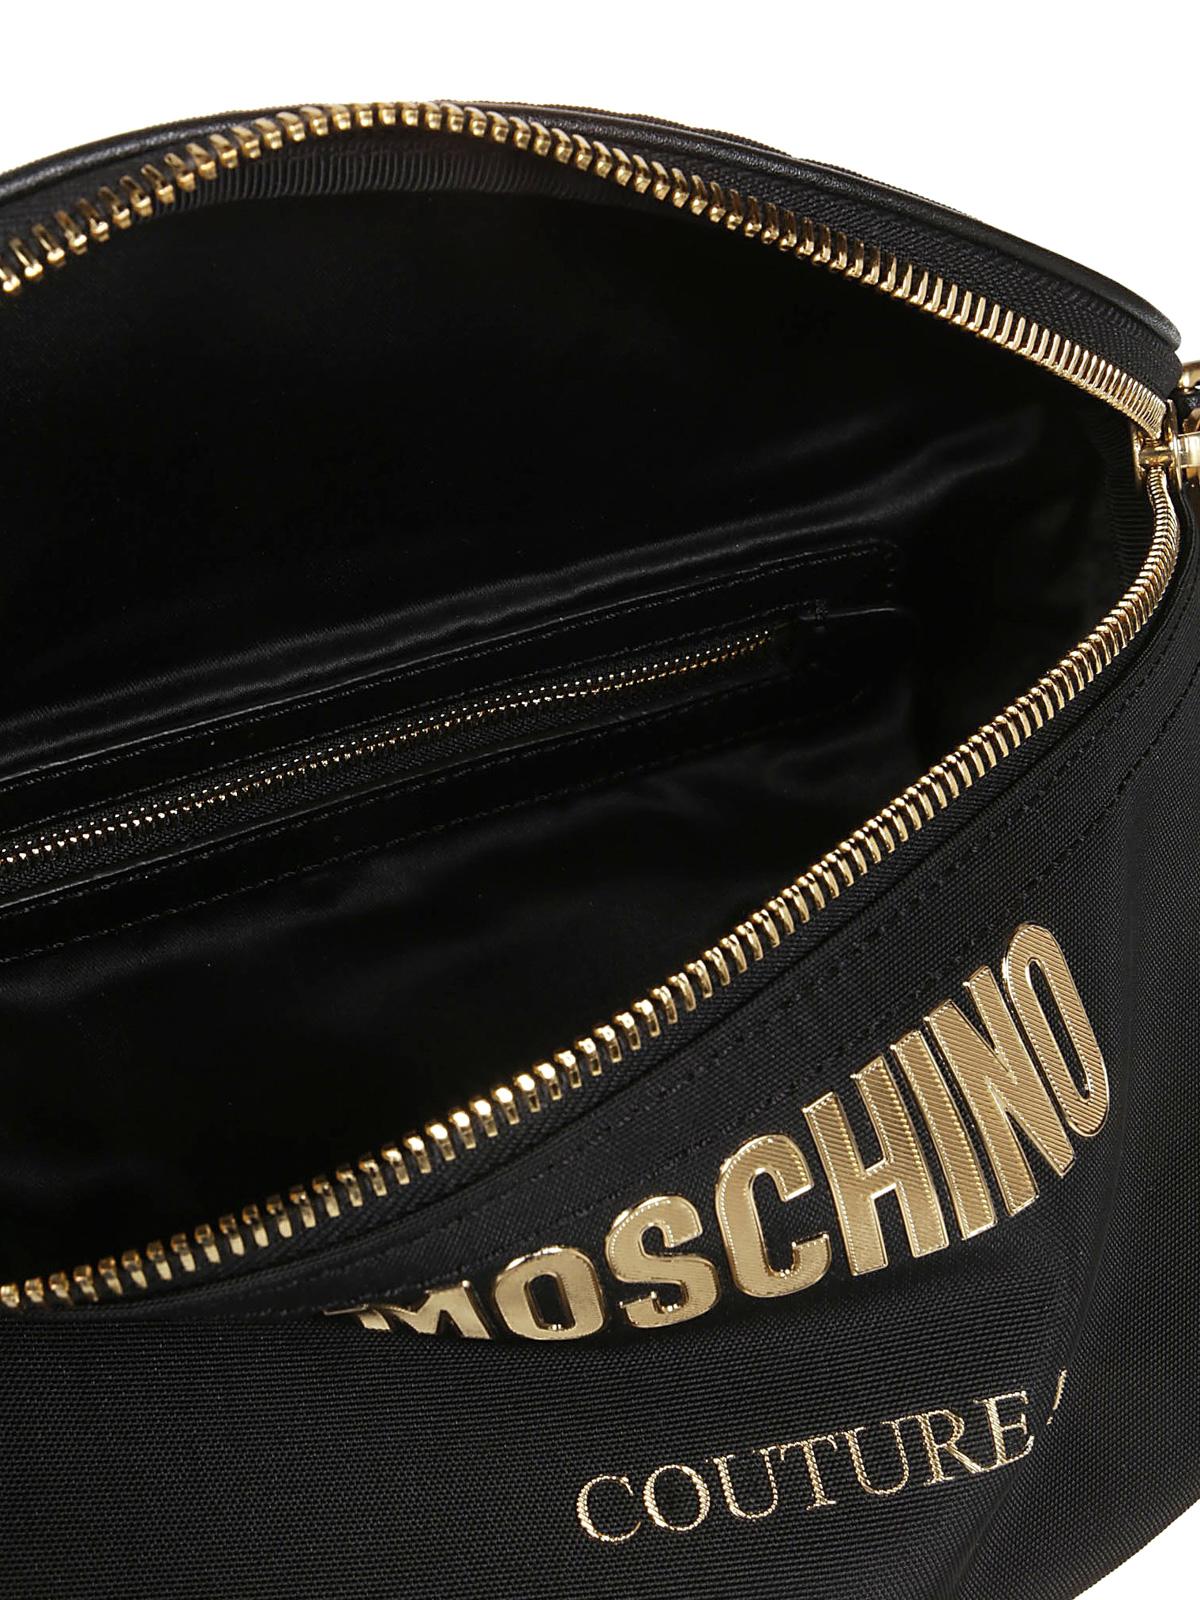 Moschino Marsupio in nylon cordura Moschino Couture